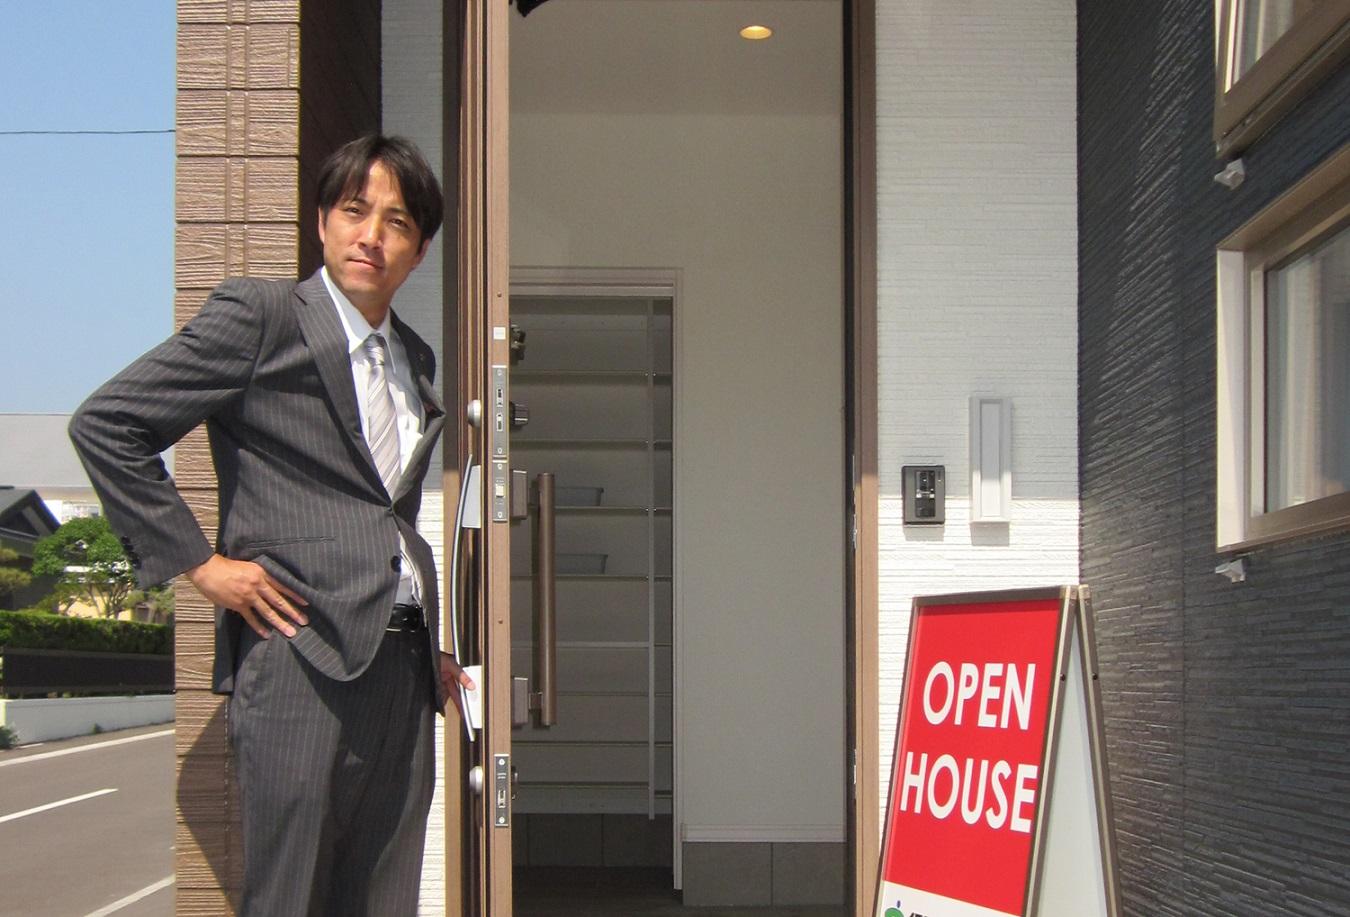 オープンハウスを案内する担当者